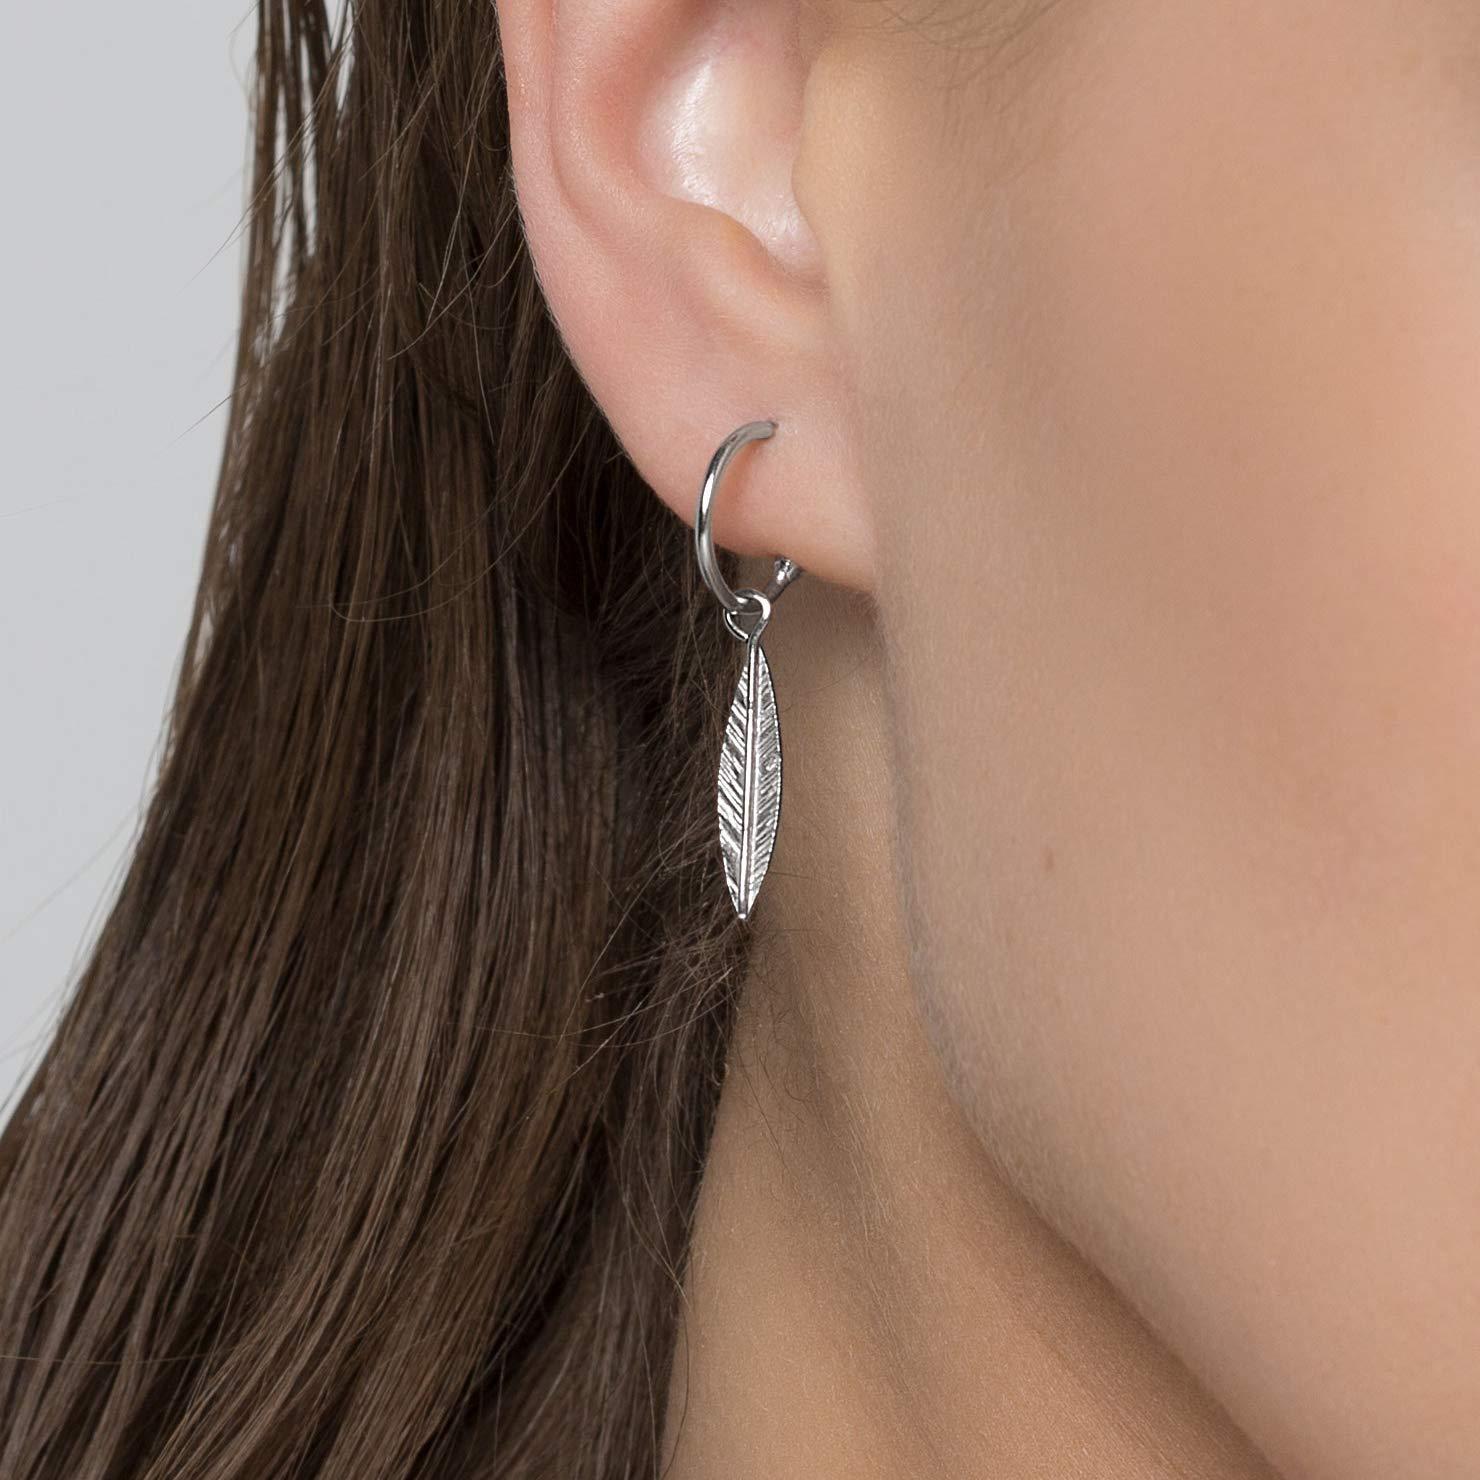 Boho Silver Chandelier Earrings  Bohemian Statement Earrings  Silver Chandelier Earrings  Silver Statement Earrings  Aspen Glow Studio